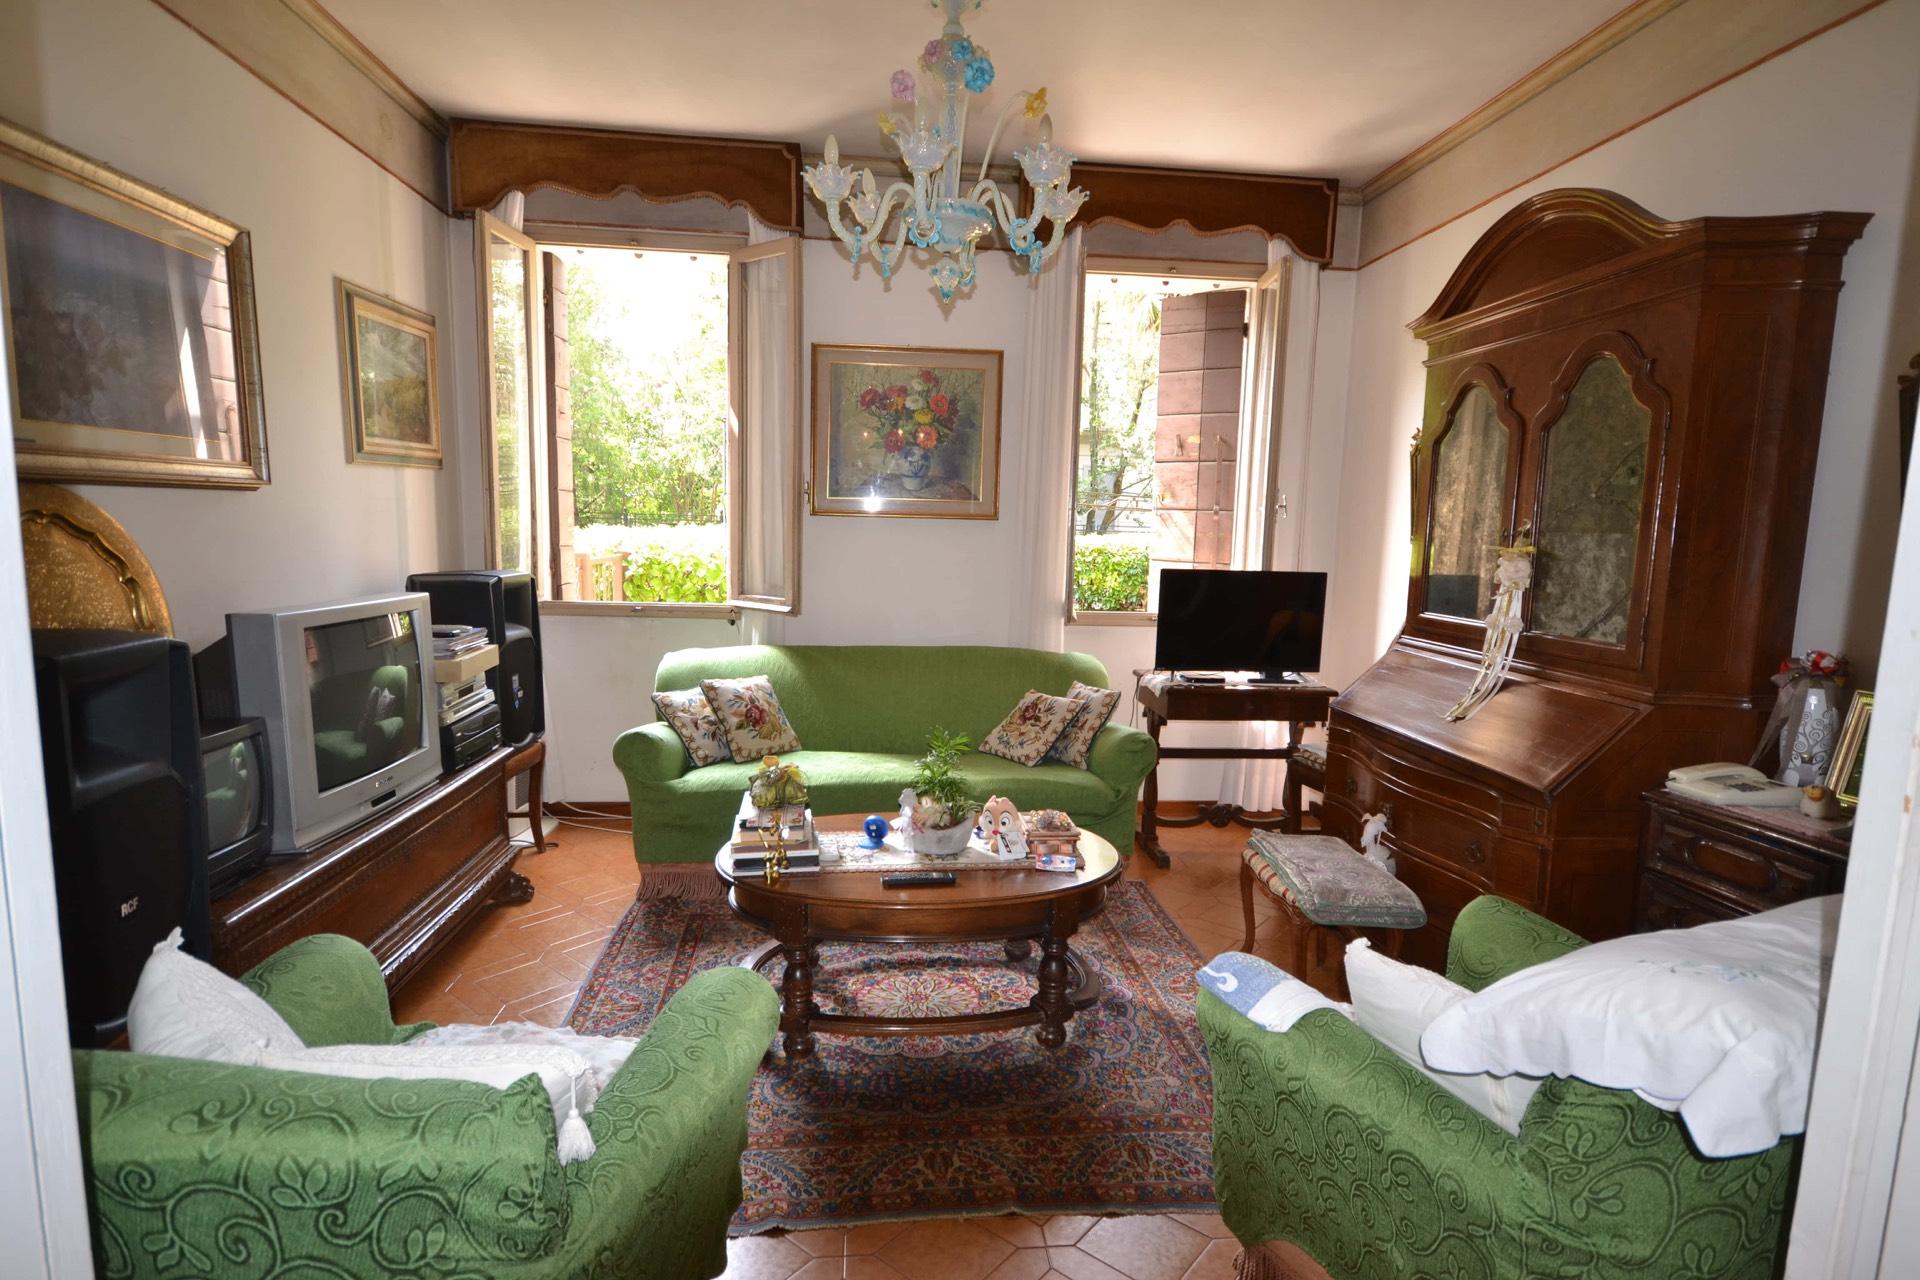 3 Camere in Vendita a Treviso - Cod. 3120